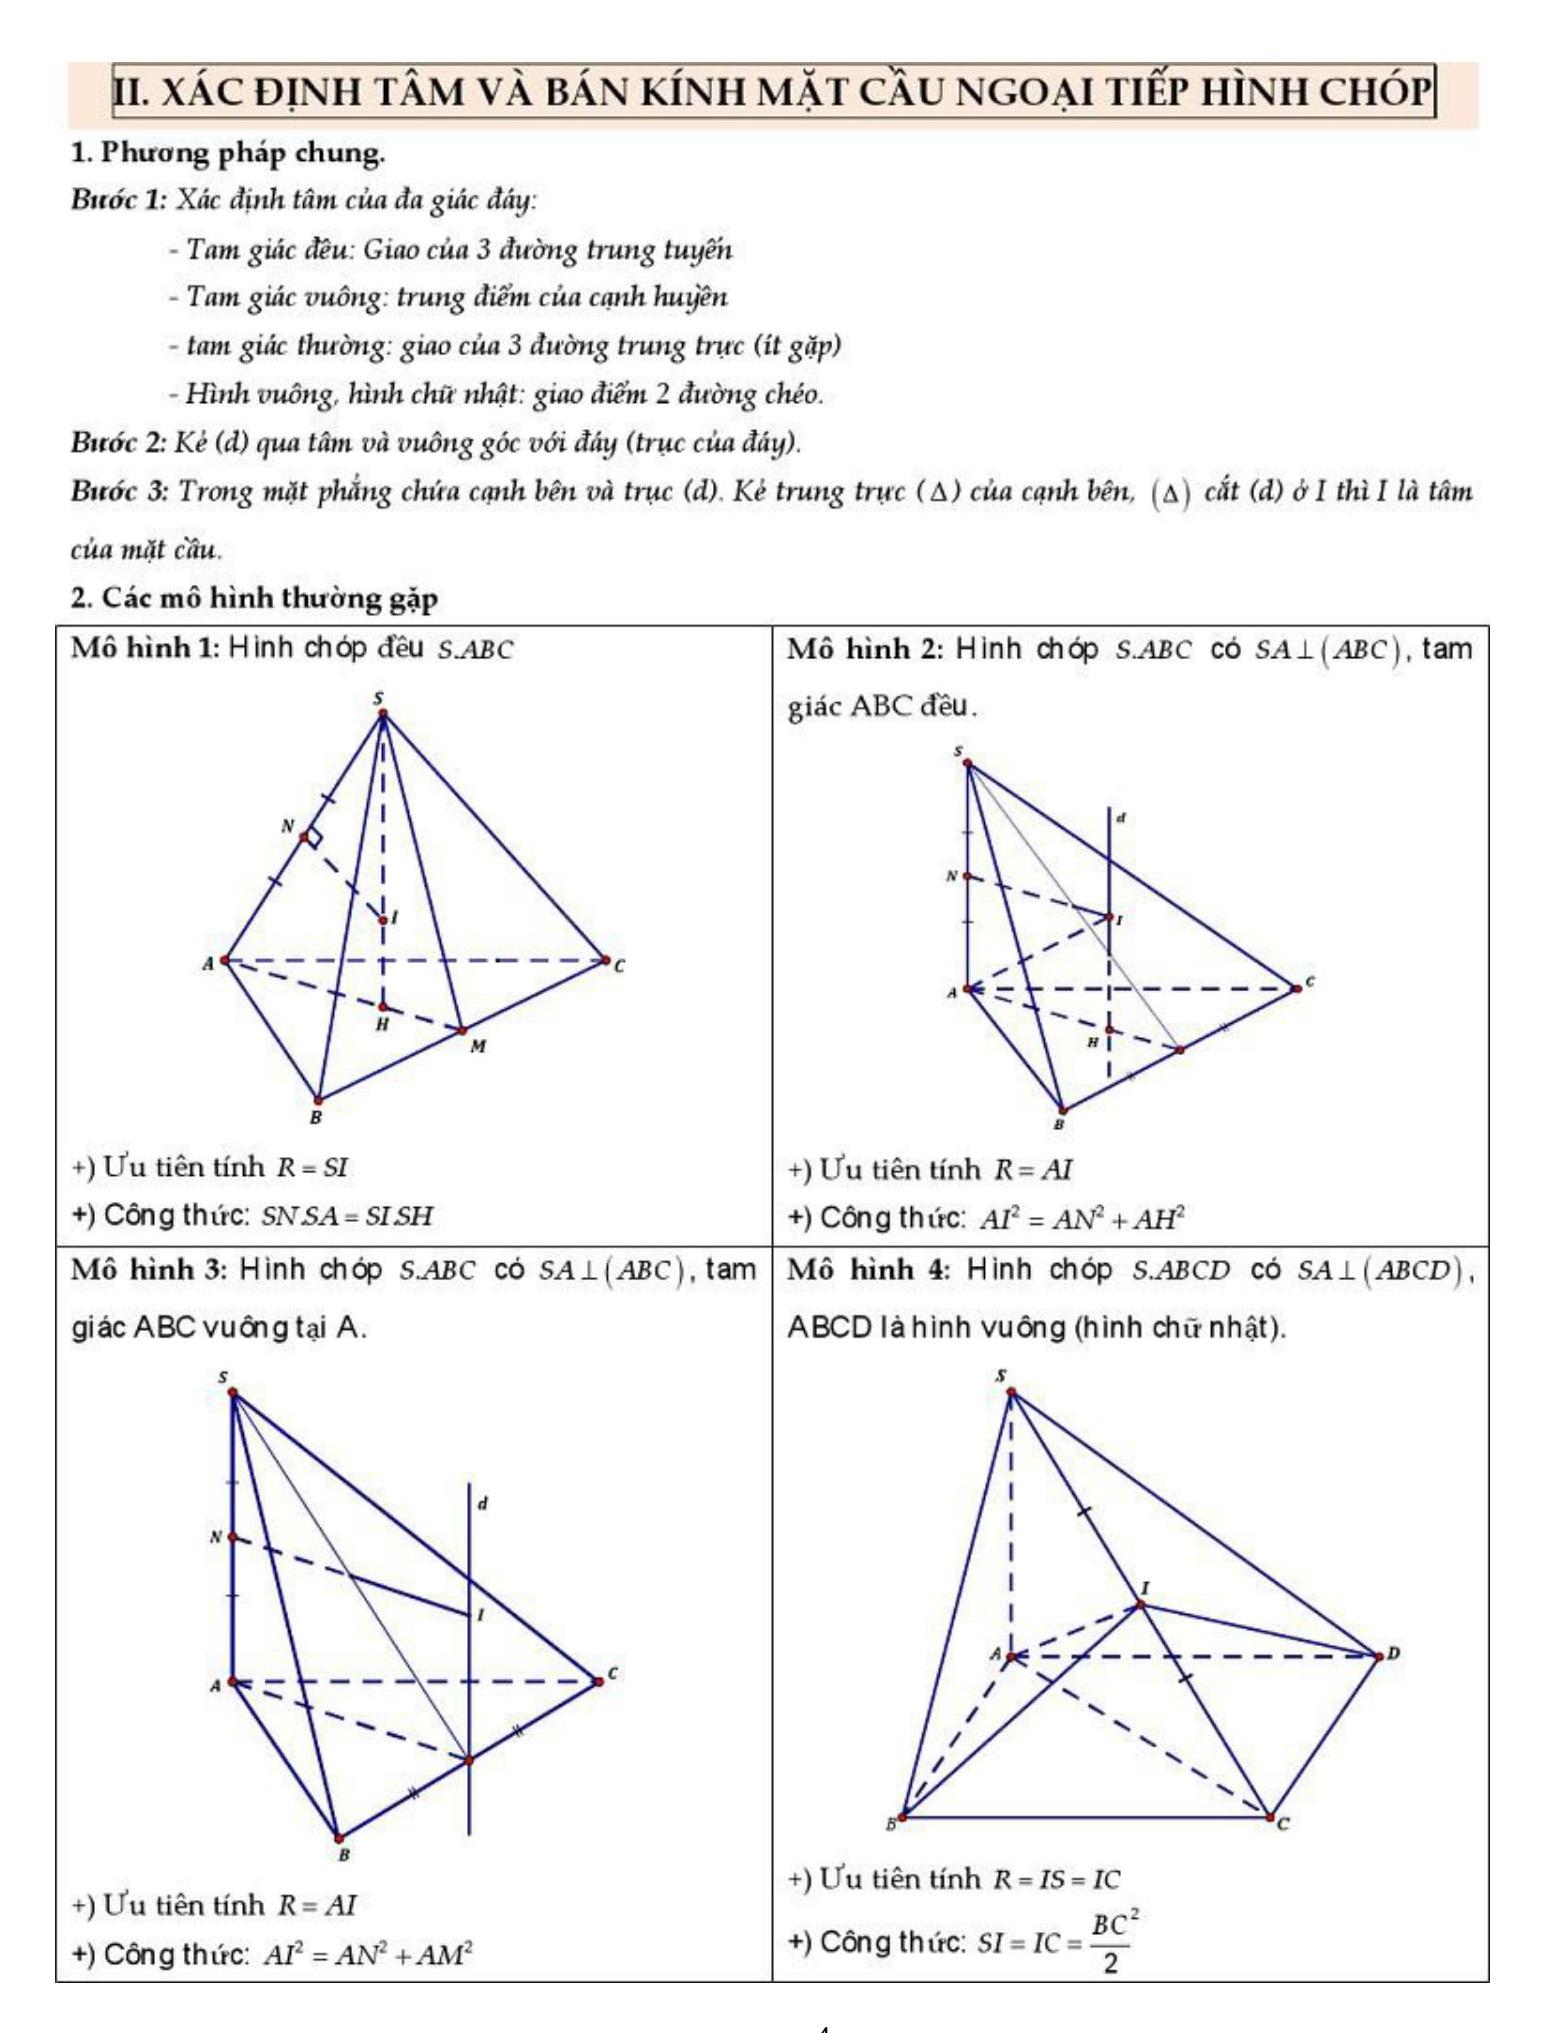 Trọn bộ công thức giải nhanh toán 12 cả năm